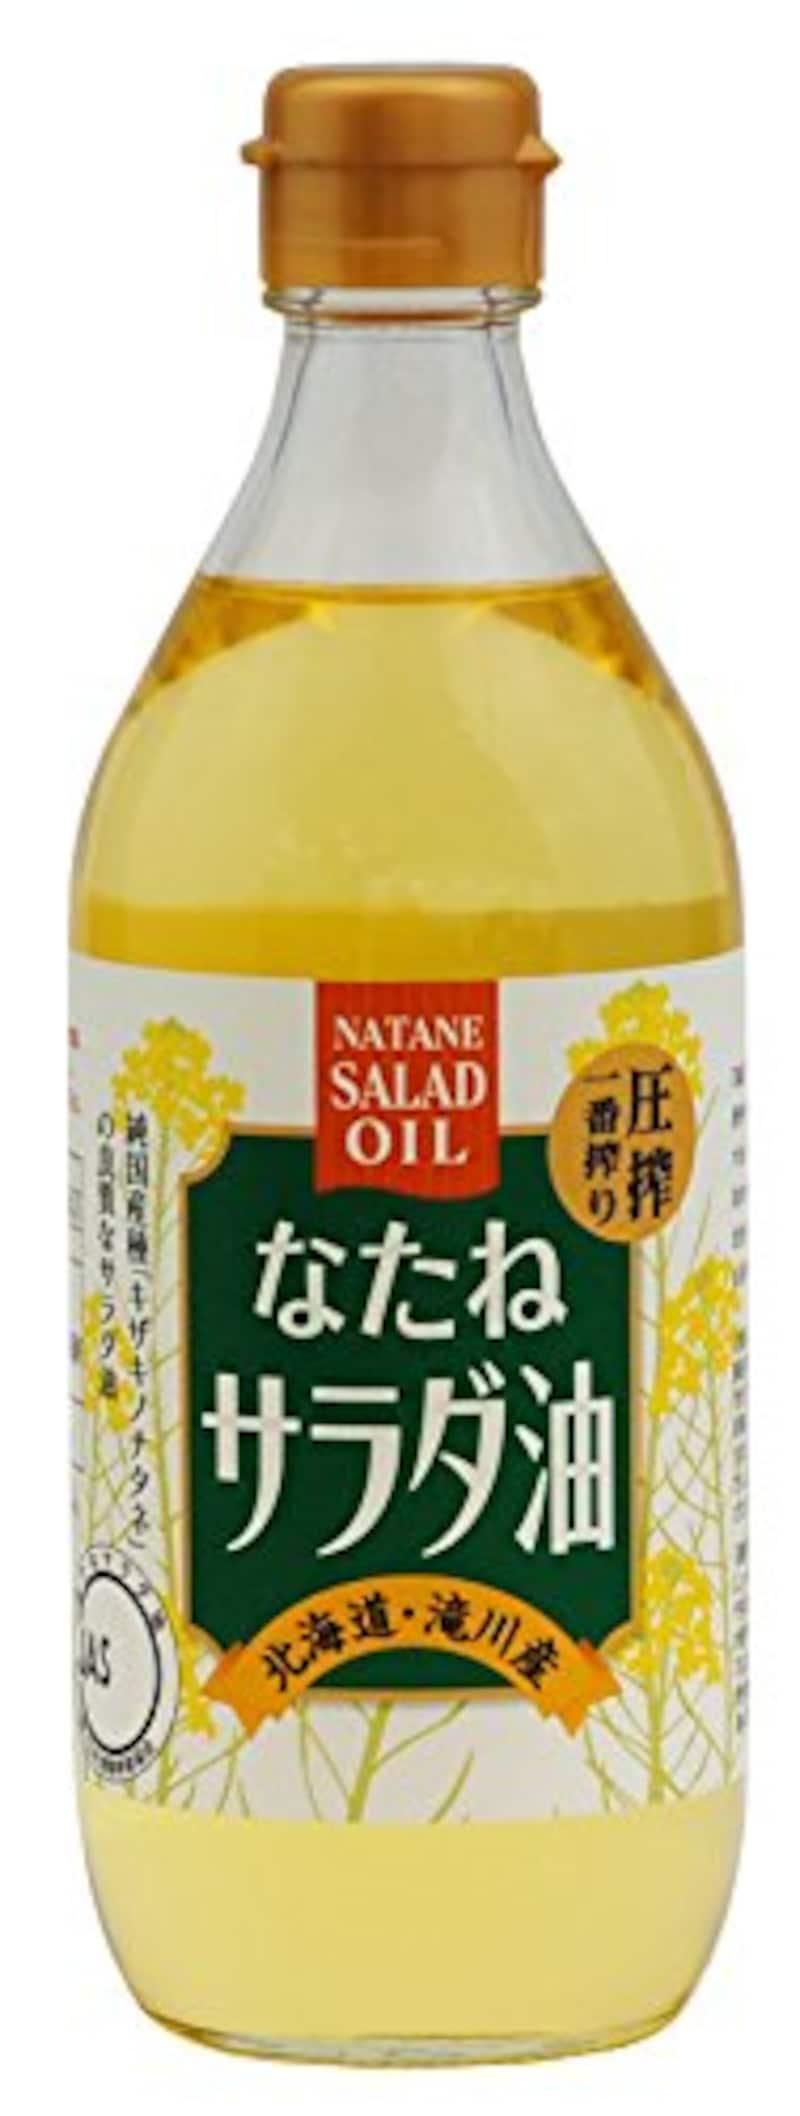 ムソー, 国産なたねサラダ油 450g